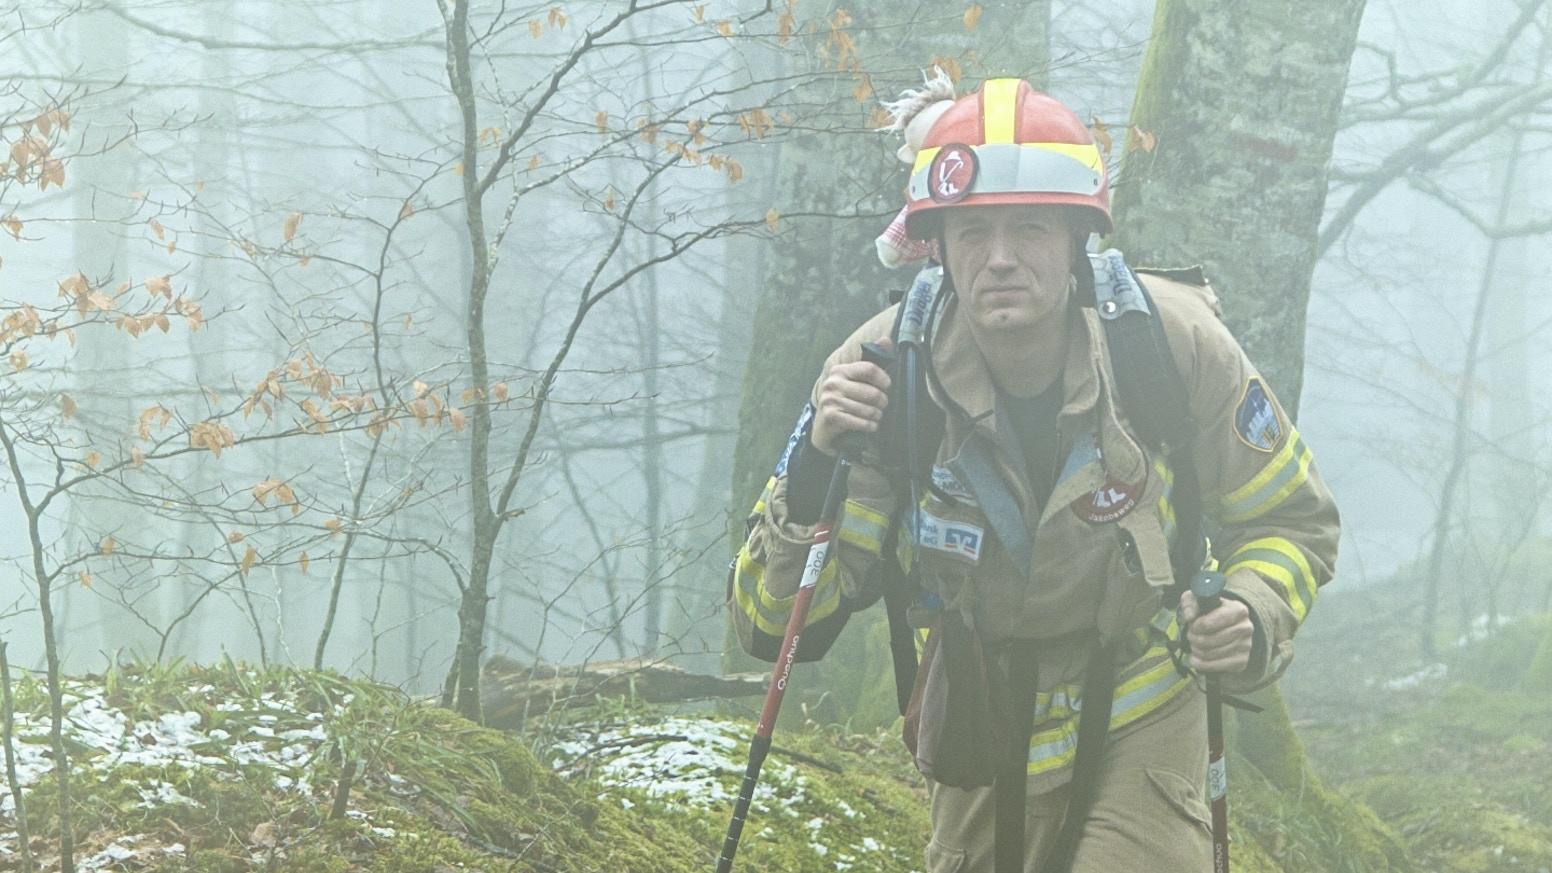 Feuerwehrmann Michael auf Pilgerreise. 880 Kilometer für brandverletzte Kinder - in voller Einsatzkleidung. Wir haben ihn begleitet.